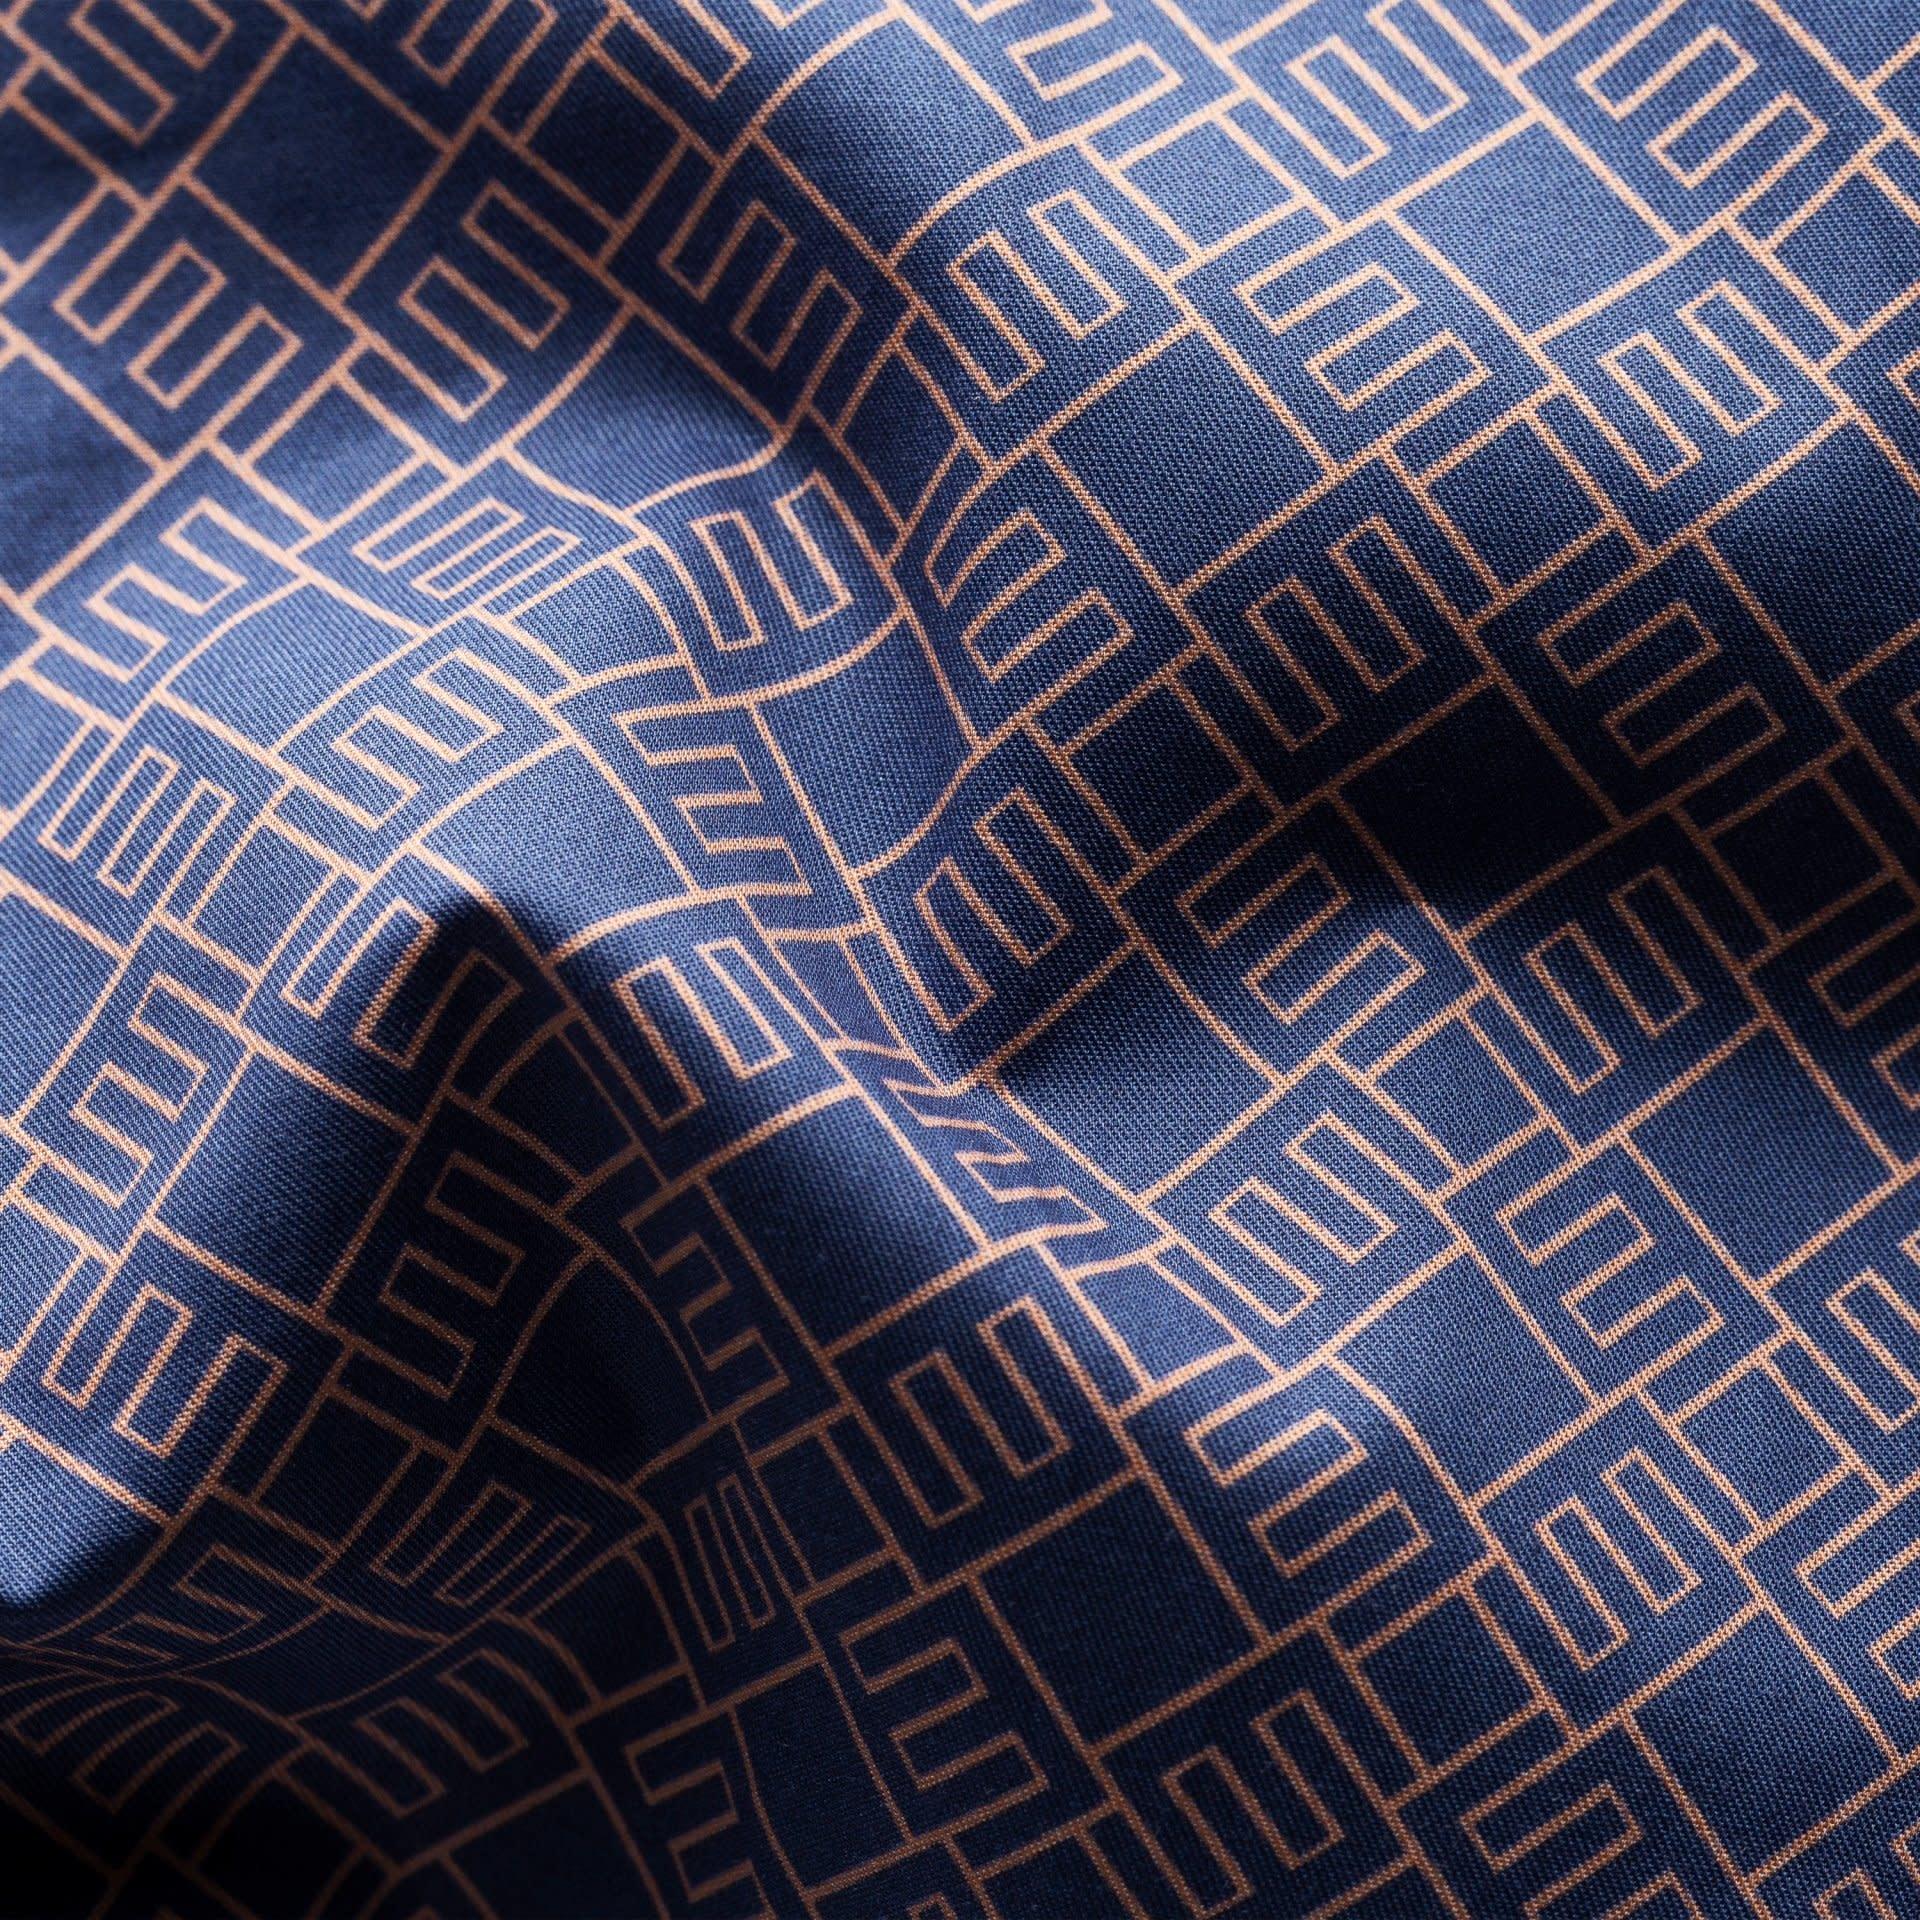 Eton Navy Double E logo shirt